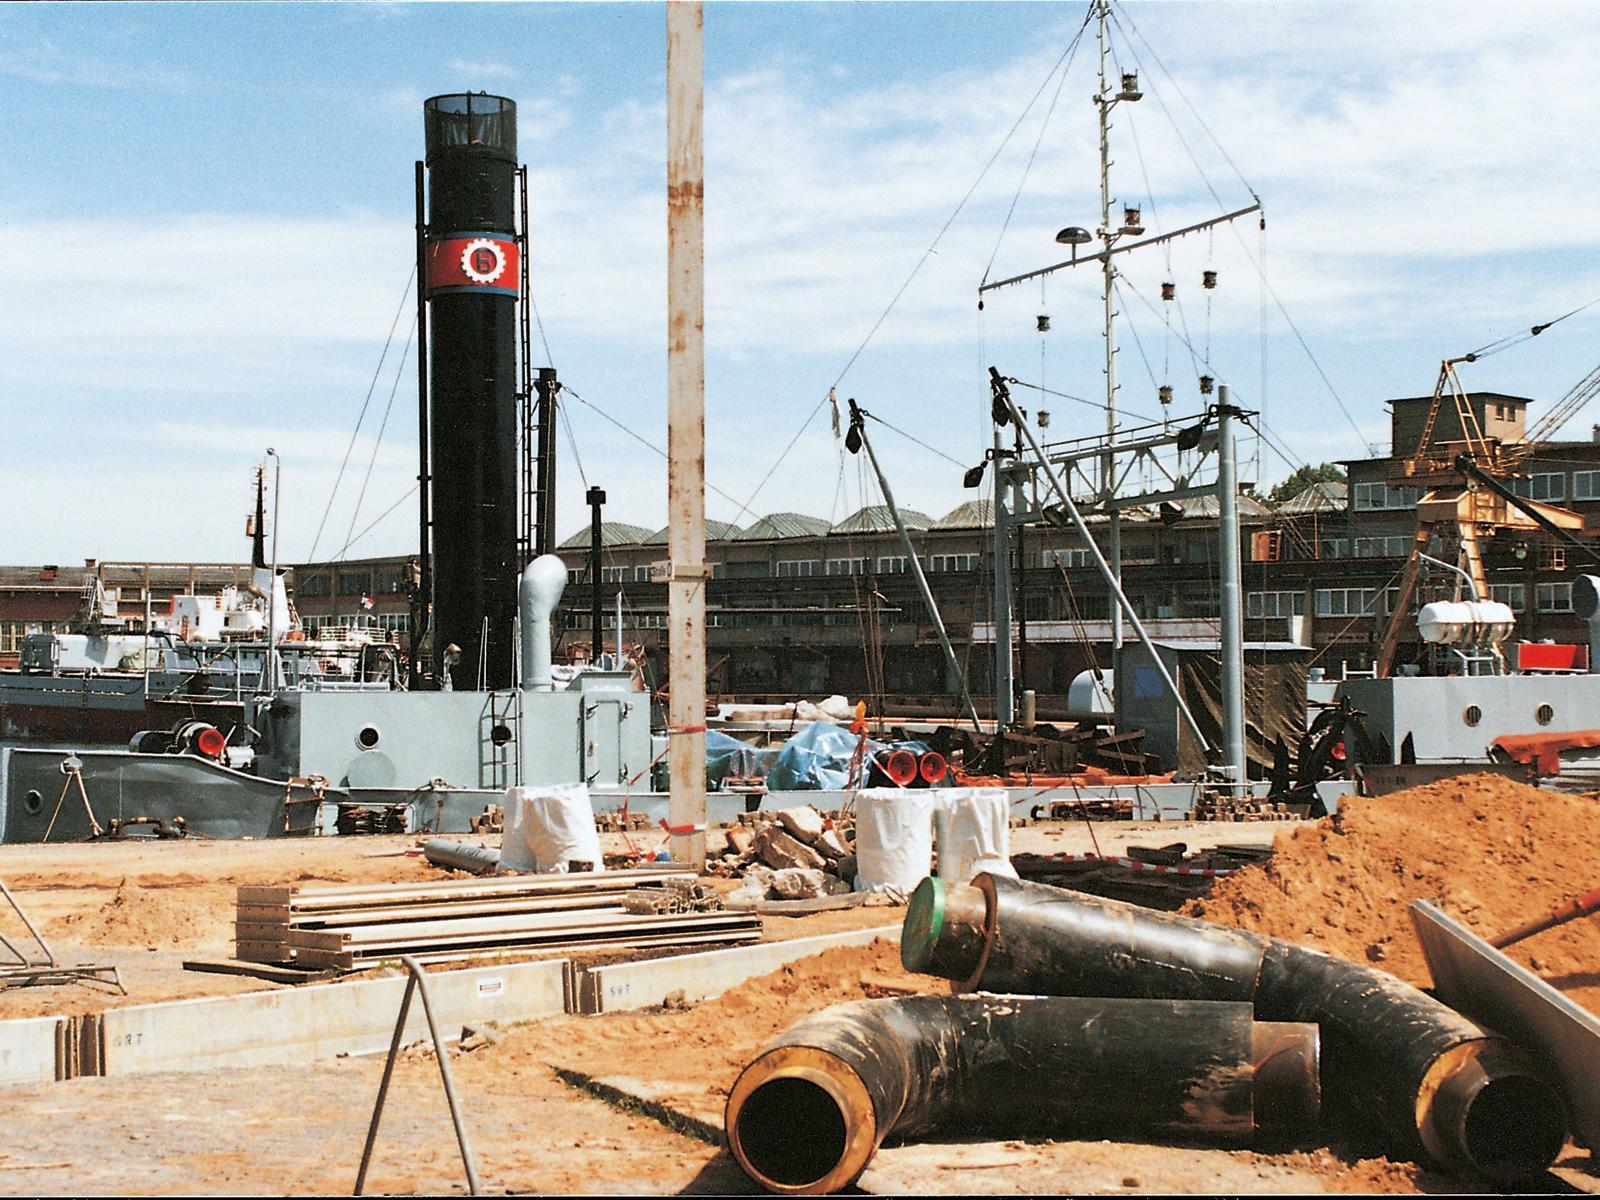 1994 - Ausbau bzw. Verdichtung bestehender Fernwärmesysteme z.B. im Fischereihafen in Marienehe